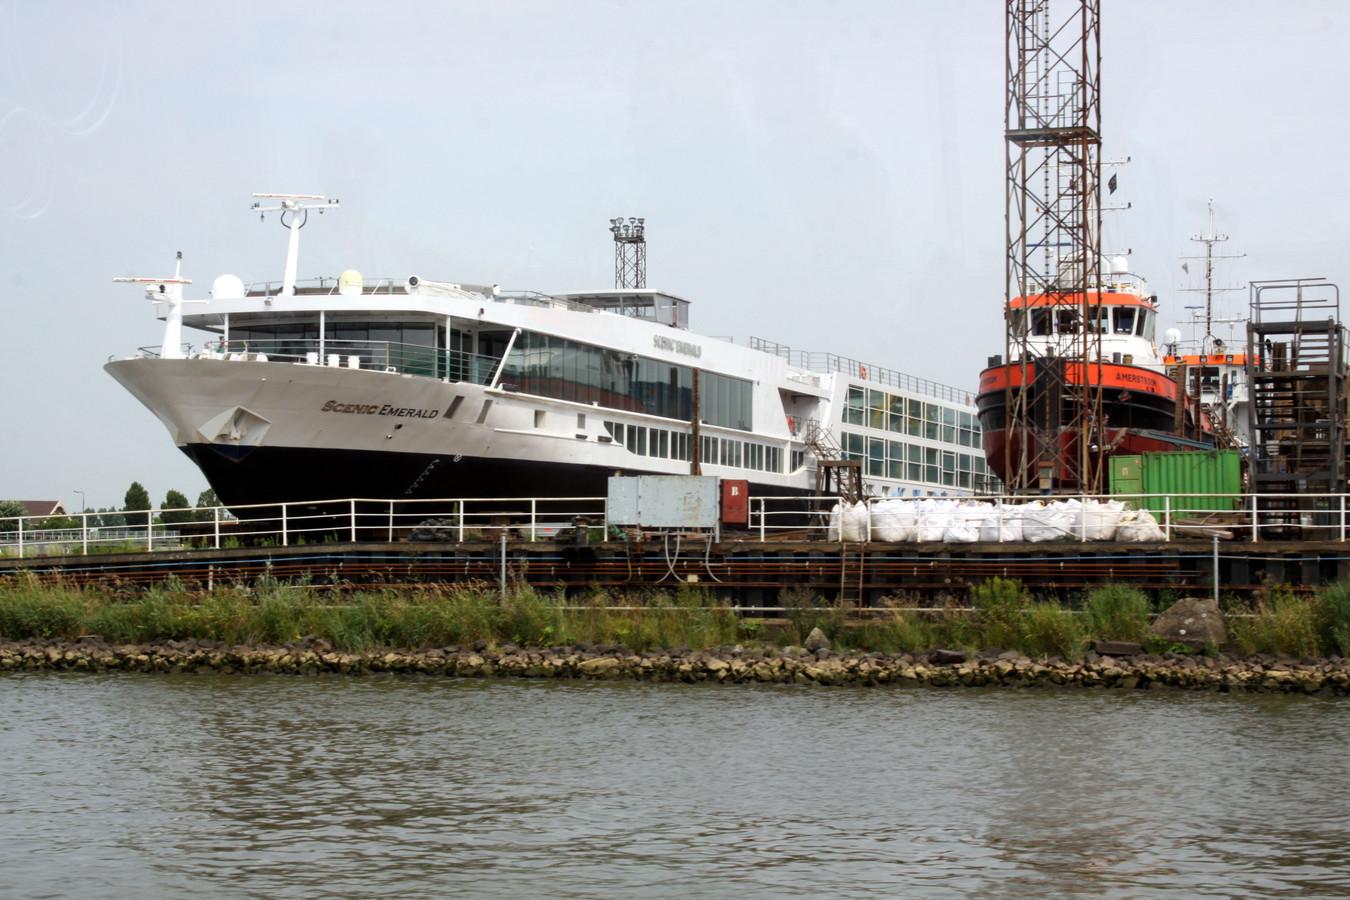 Het 135 meter lange riviercruiseschip Scenic Emerald lag deze zomer voor onderhoud op de kade langs de Beneden Merwede.